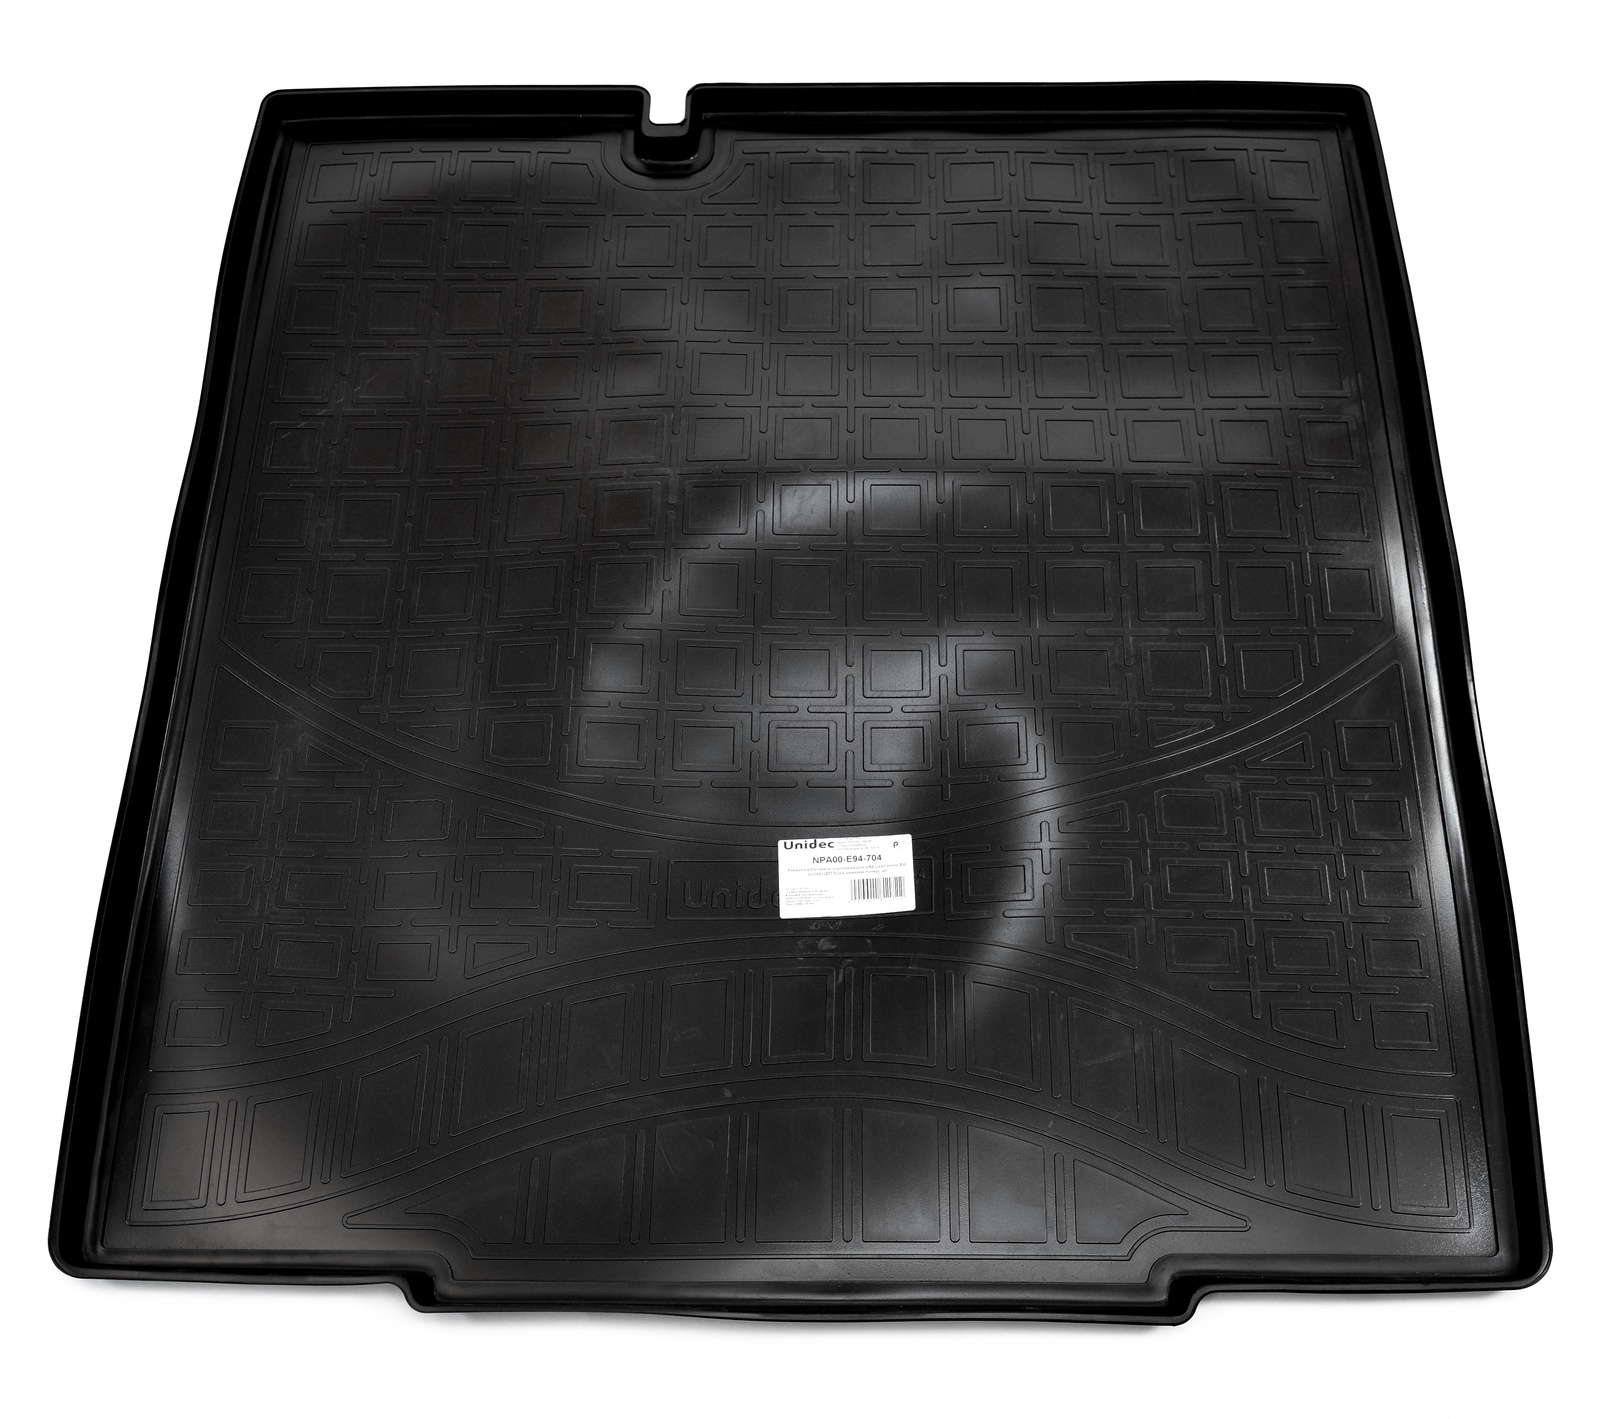 Коврики в салон автомобиля Avtodriver литьевые для Vaz Lada X-Ray (2016), Np11-Ldc-94-750, черный gm ldc 300o